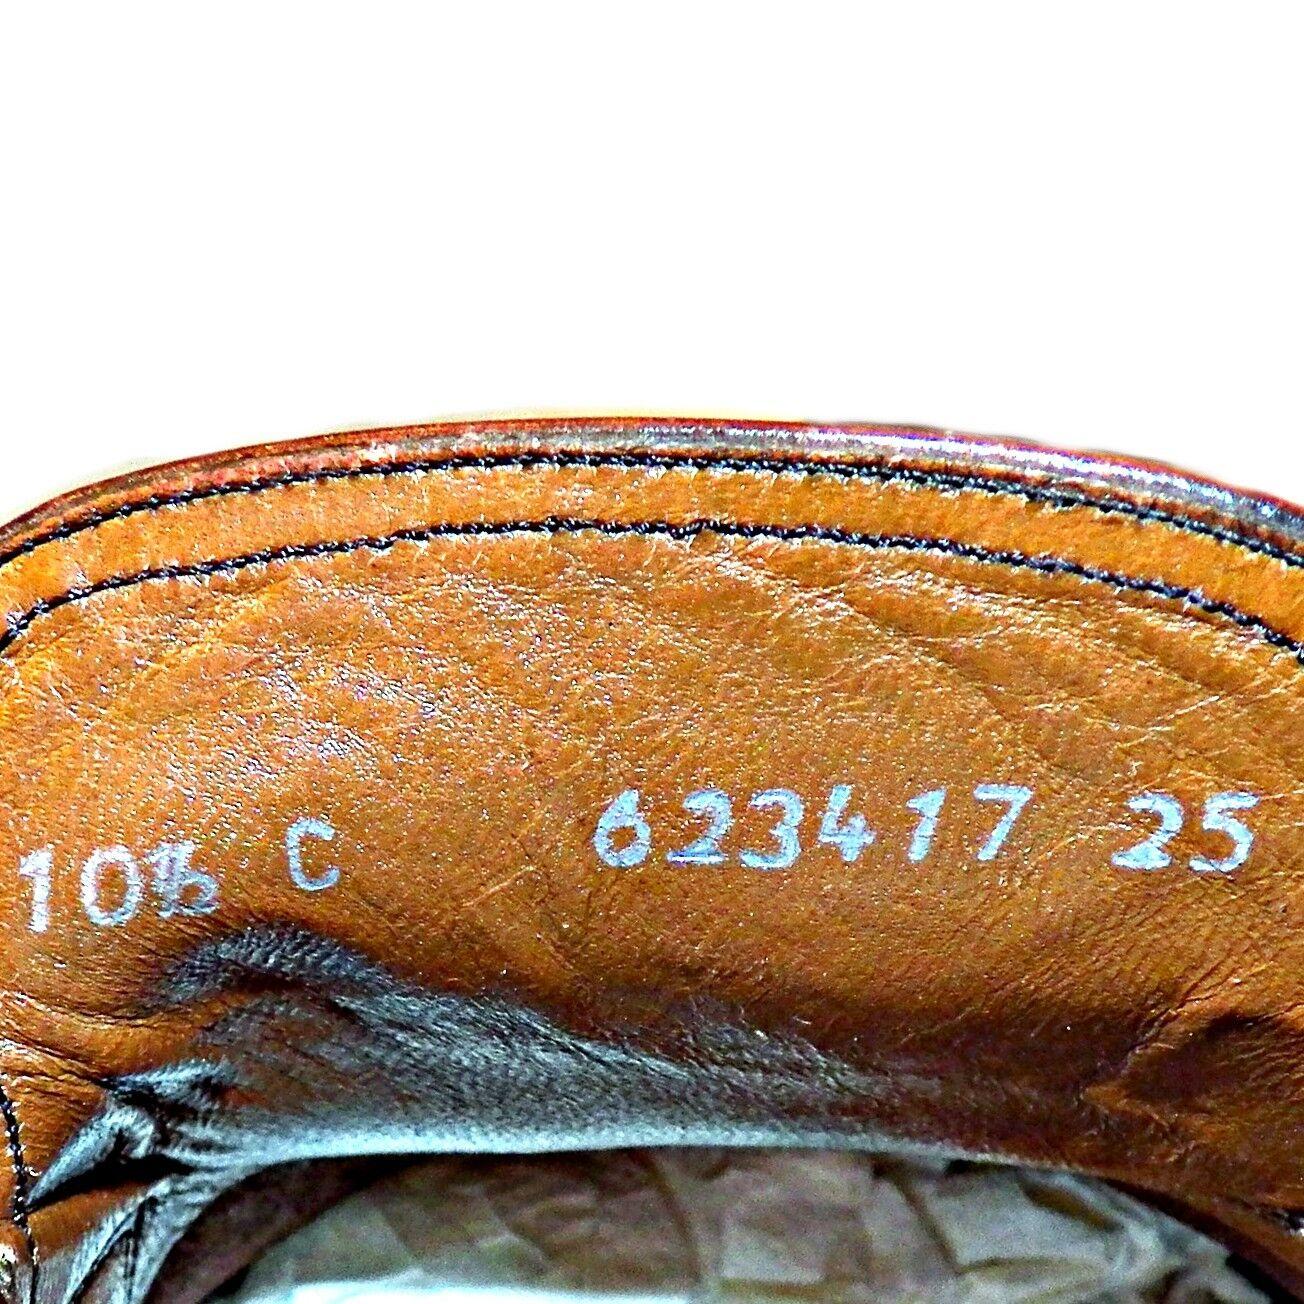 Bally Continentaux Suisse Marron 10.5 Mocassins Cuir 10.5 Marron C Étroit Fait en Italie 0a86e8